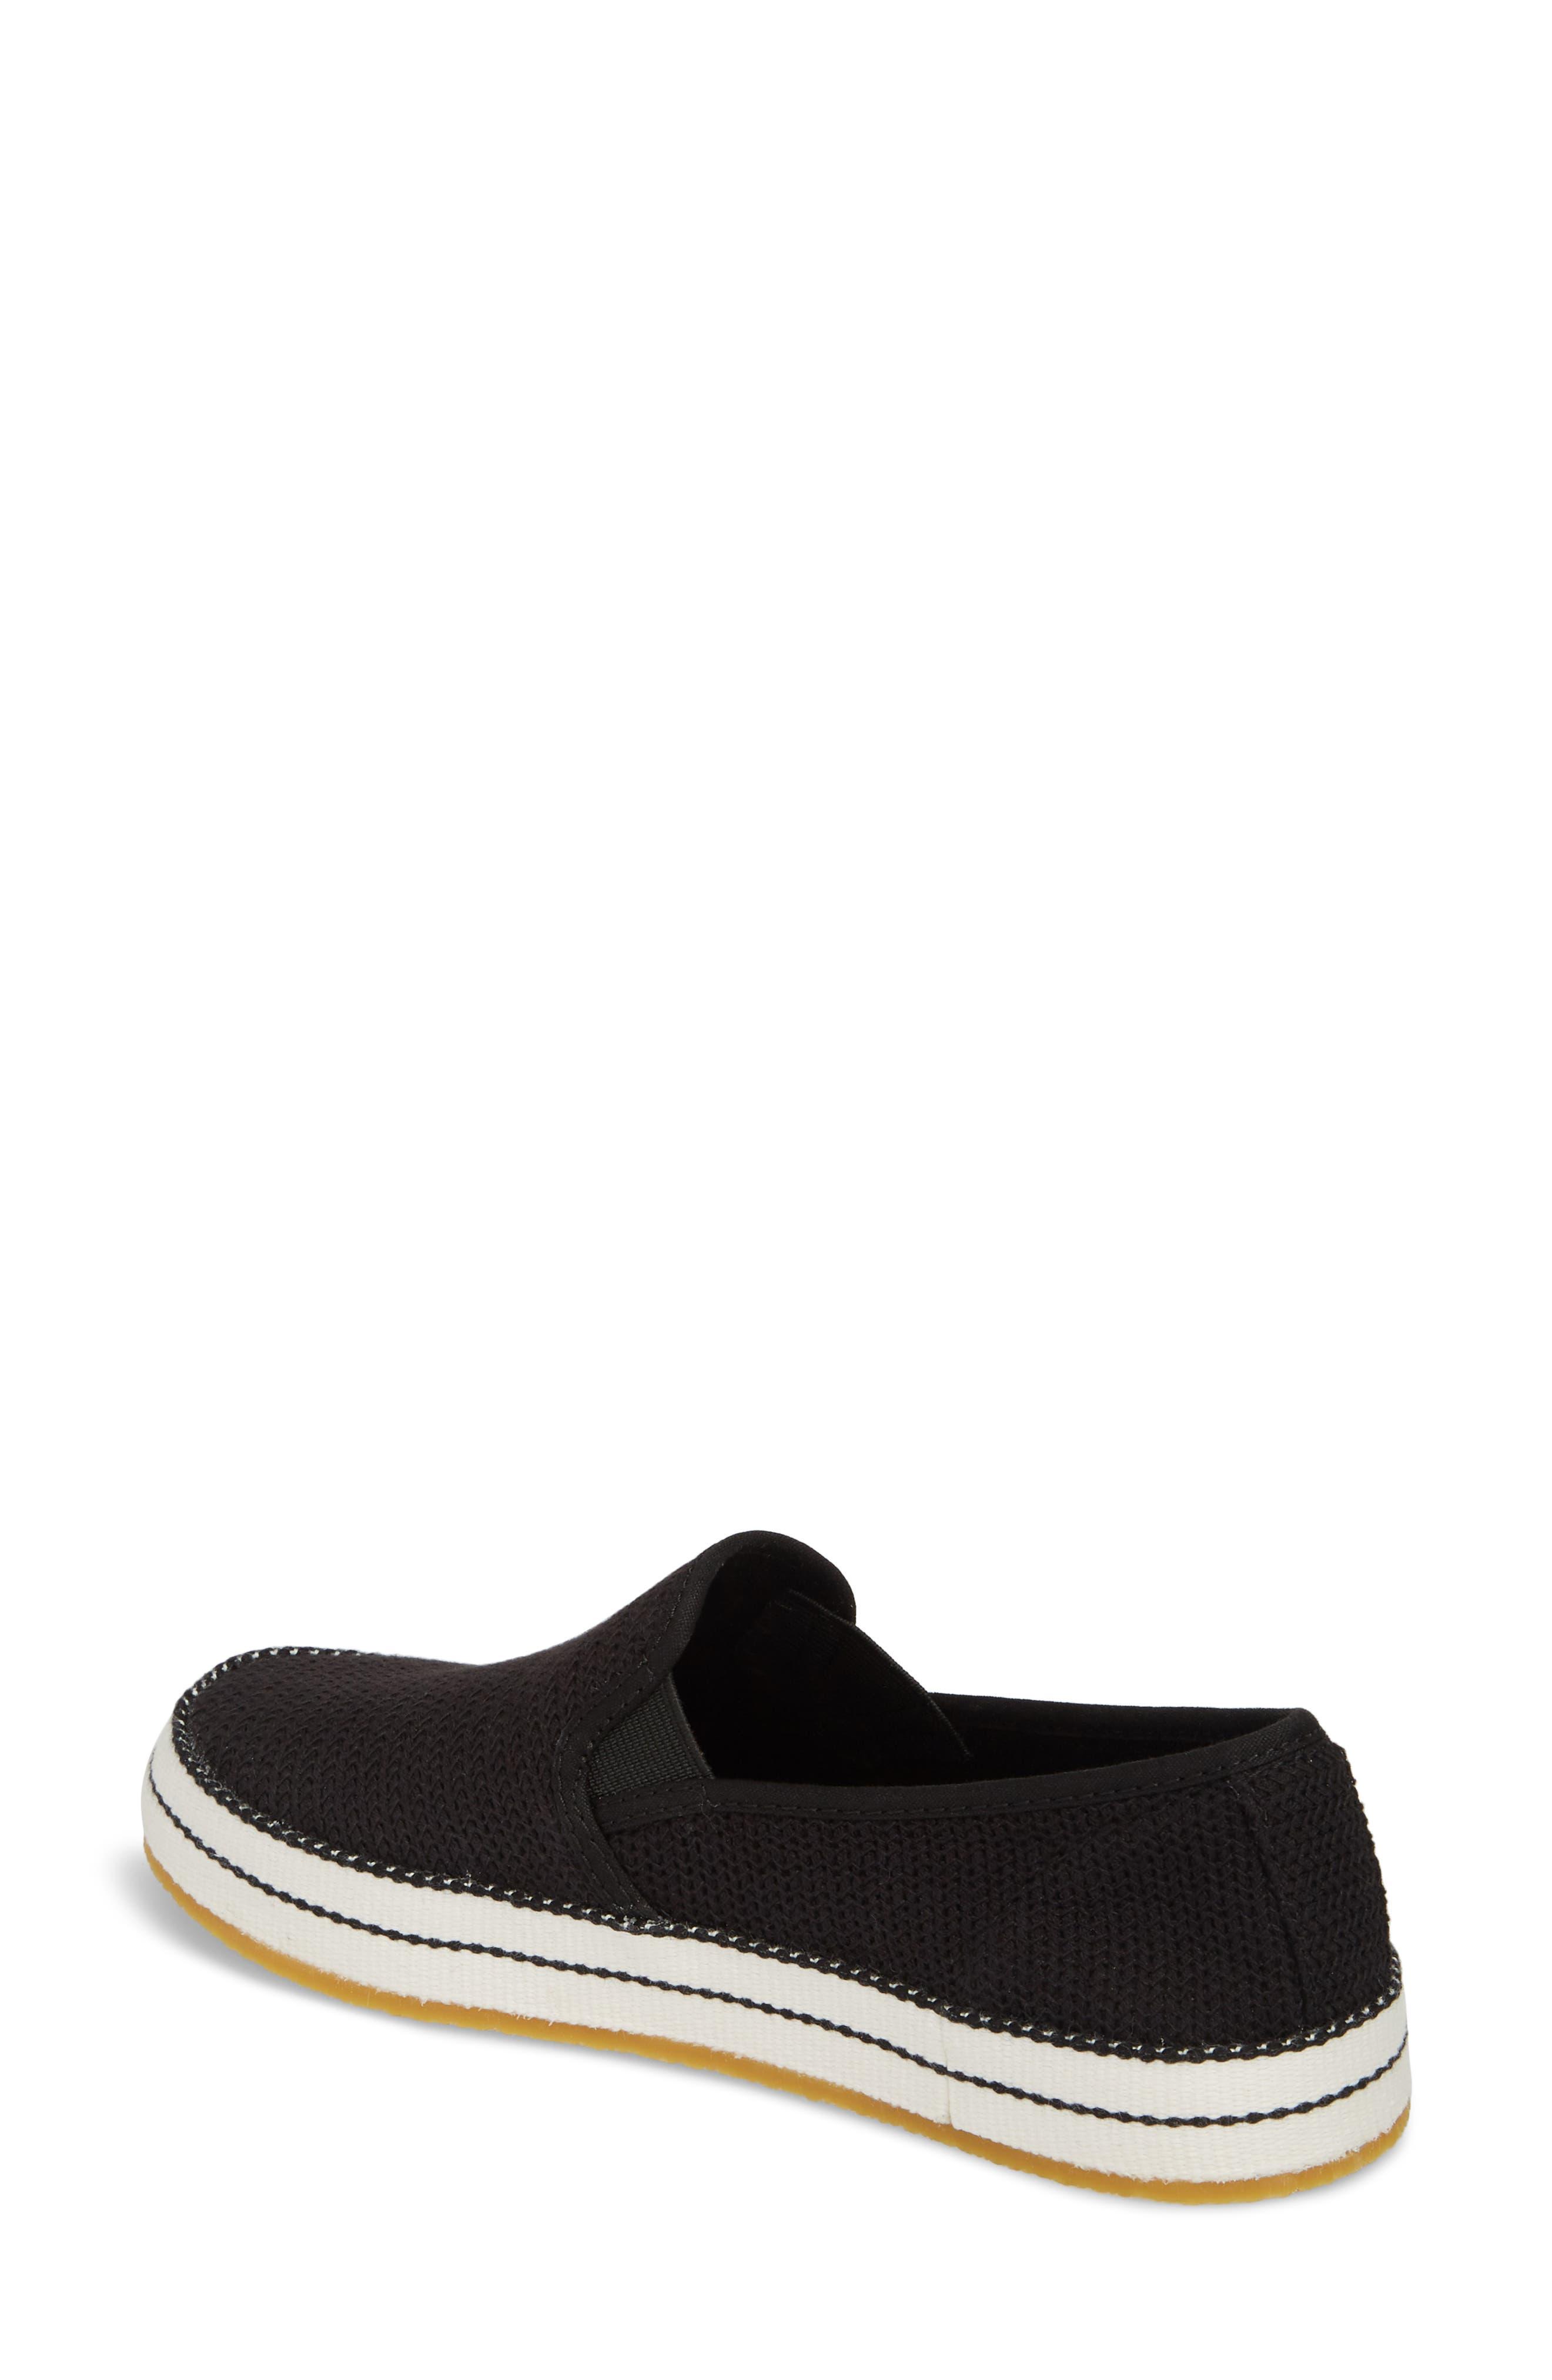 UGG<SUP>®</SUP>, Bren Slip-On Sneaker, Alternate thumbnail 2, color, BLACK